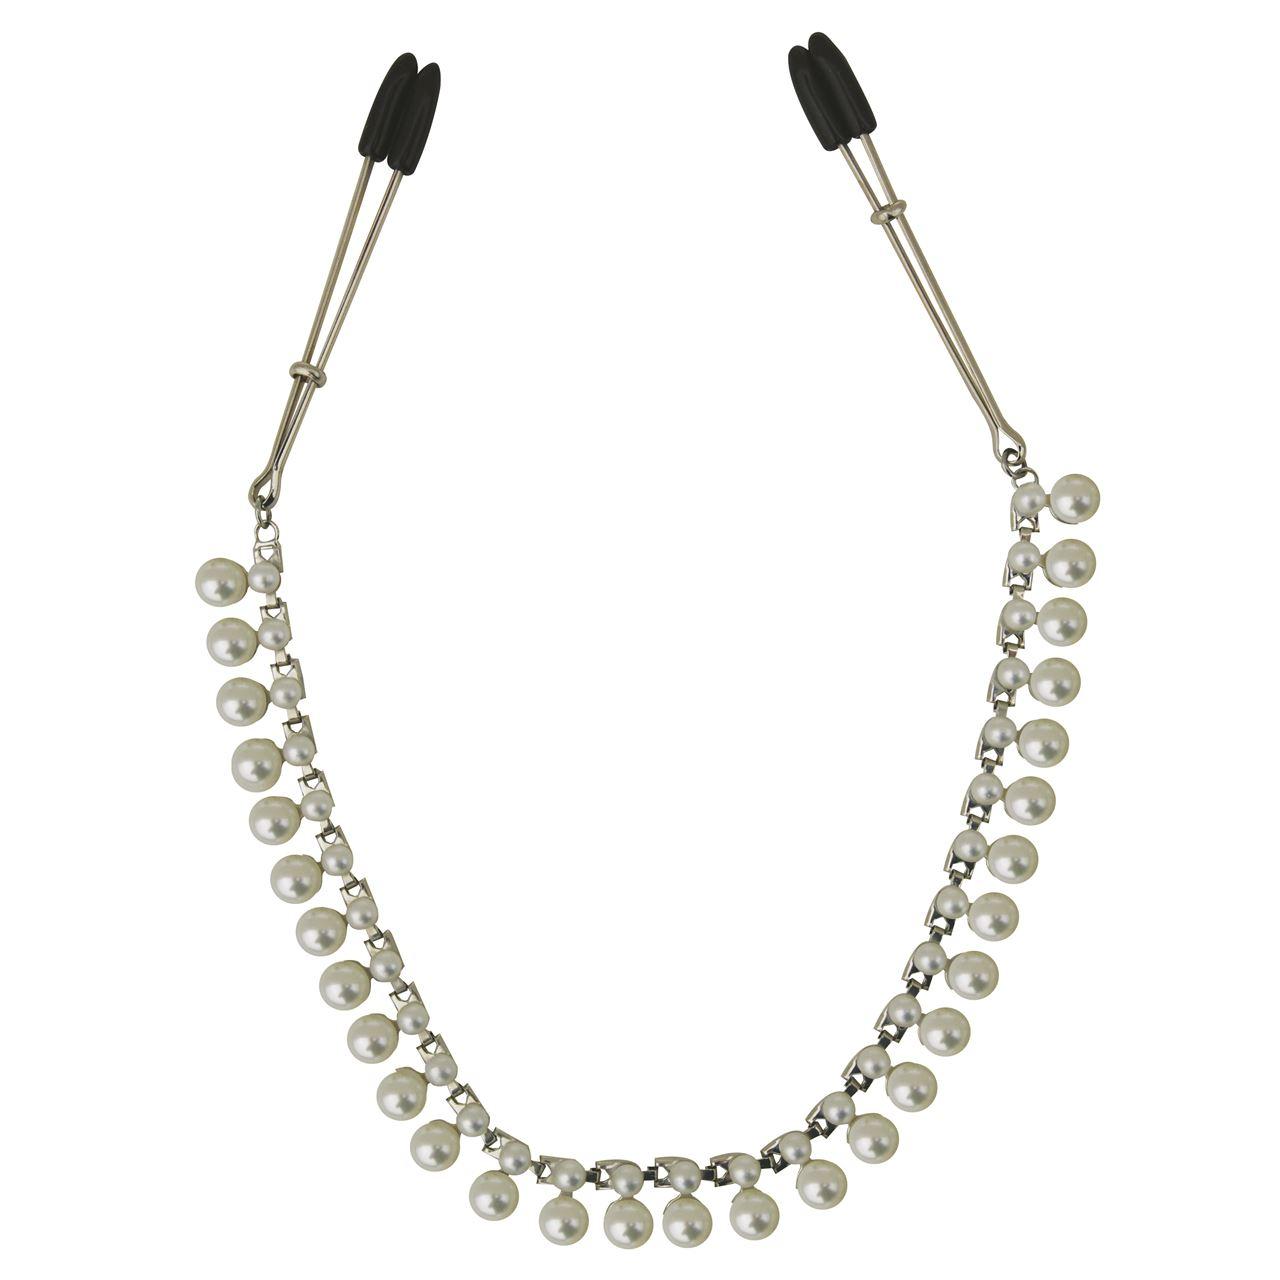 0019526_sincerely-pearl-chain-nipple-clips_nyjgozkx5eesafgk.jpeg